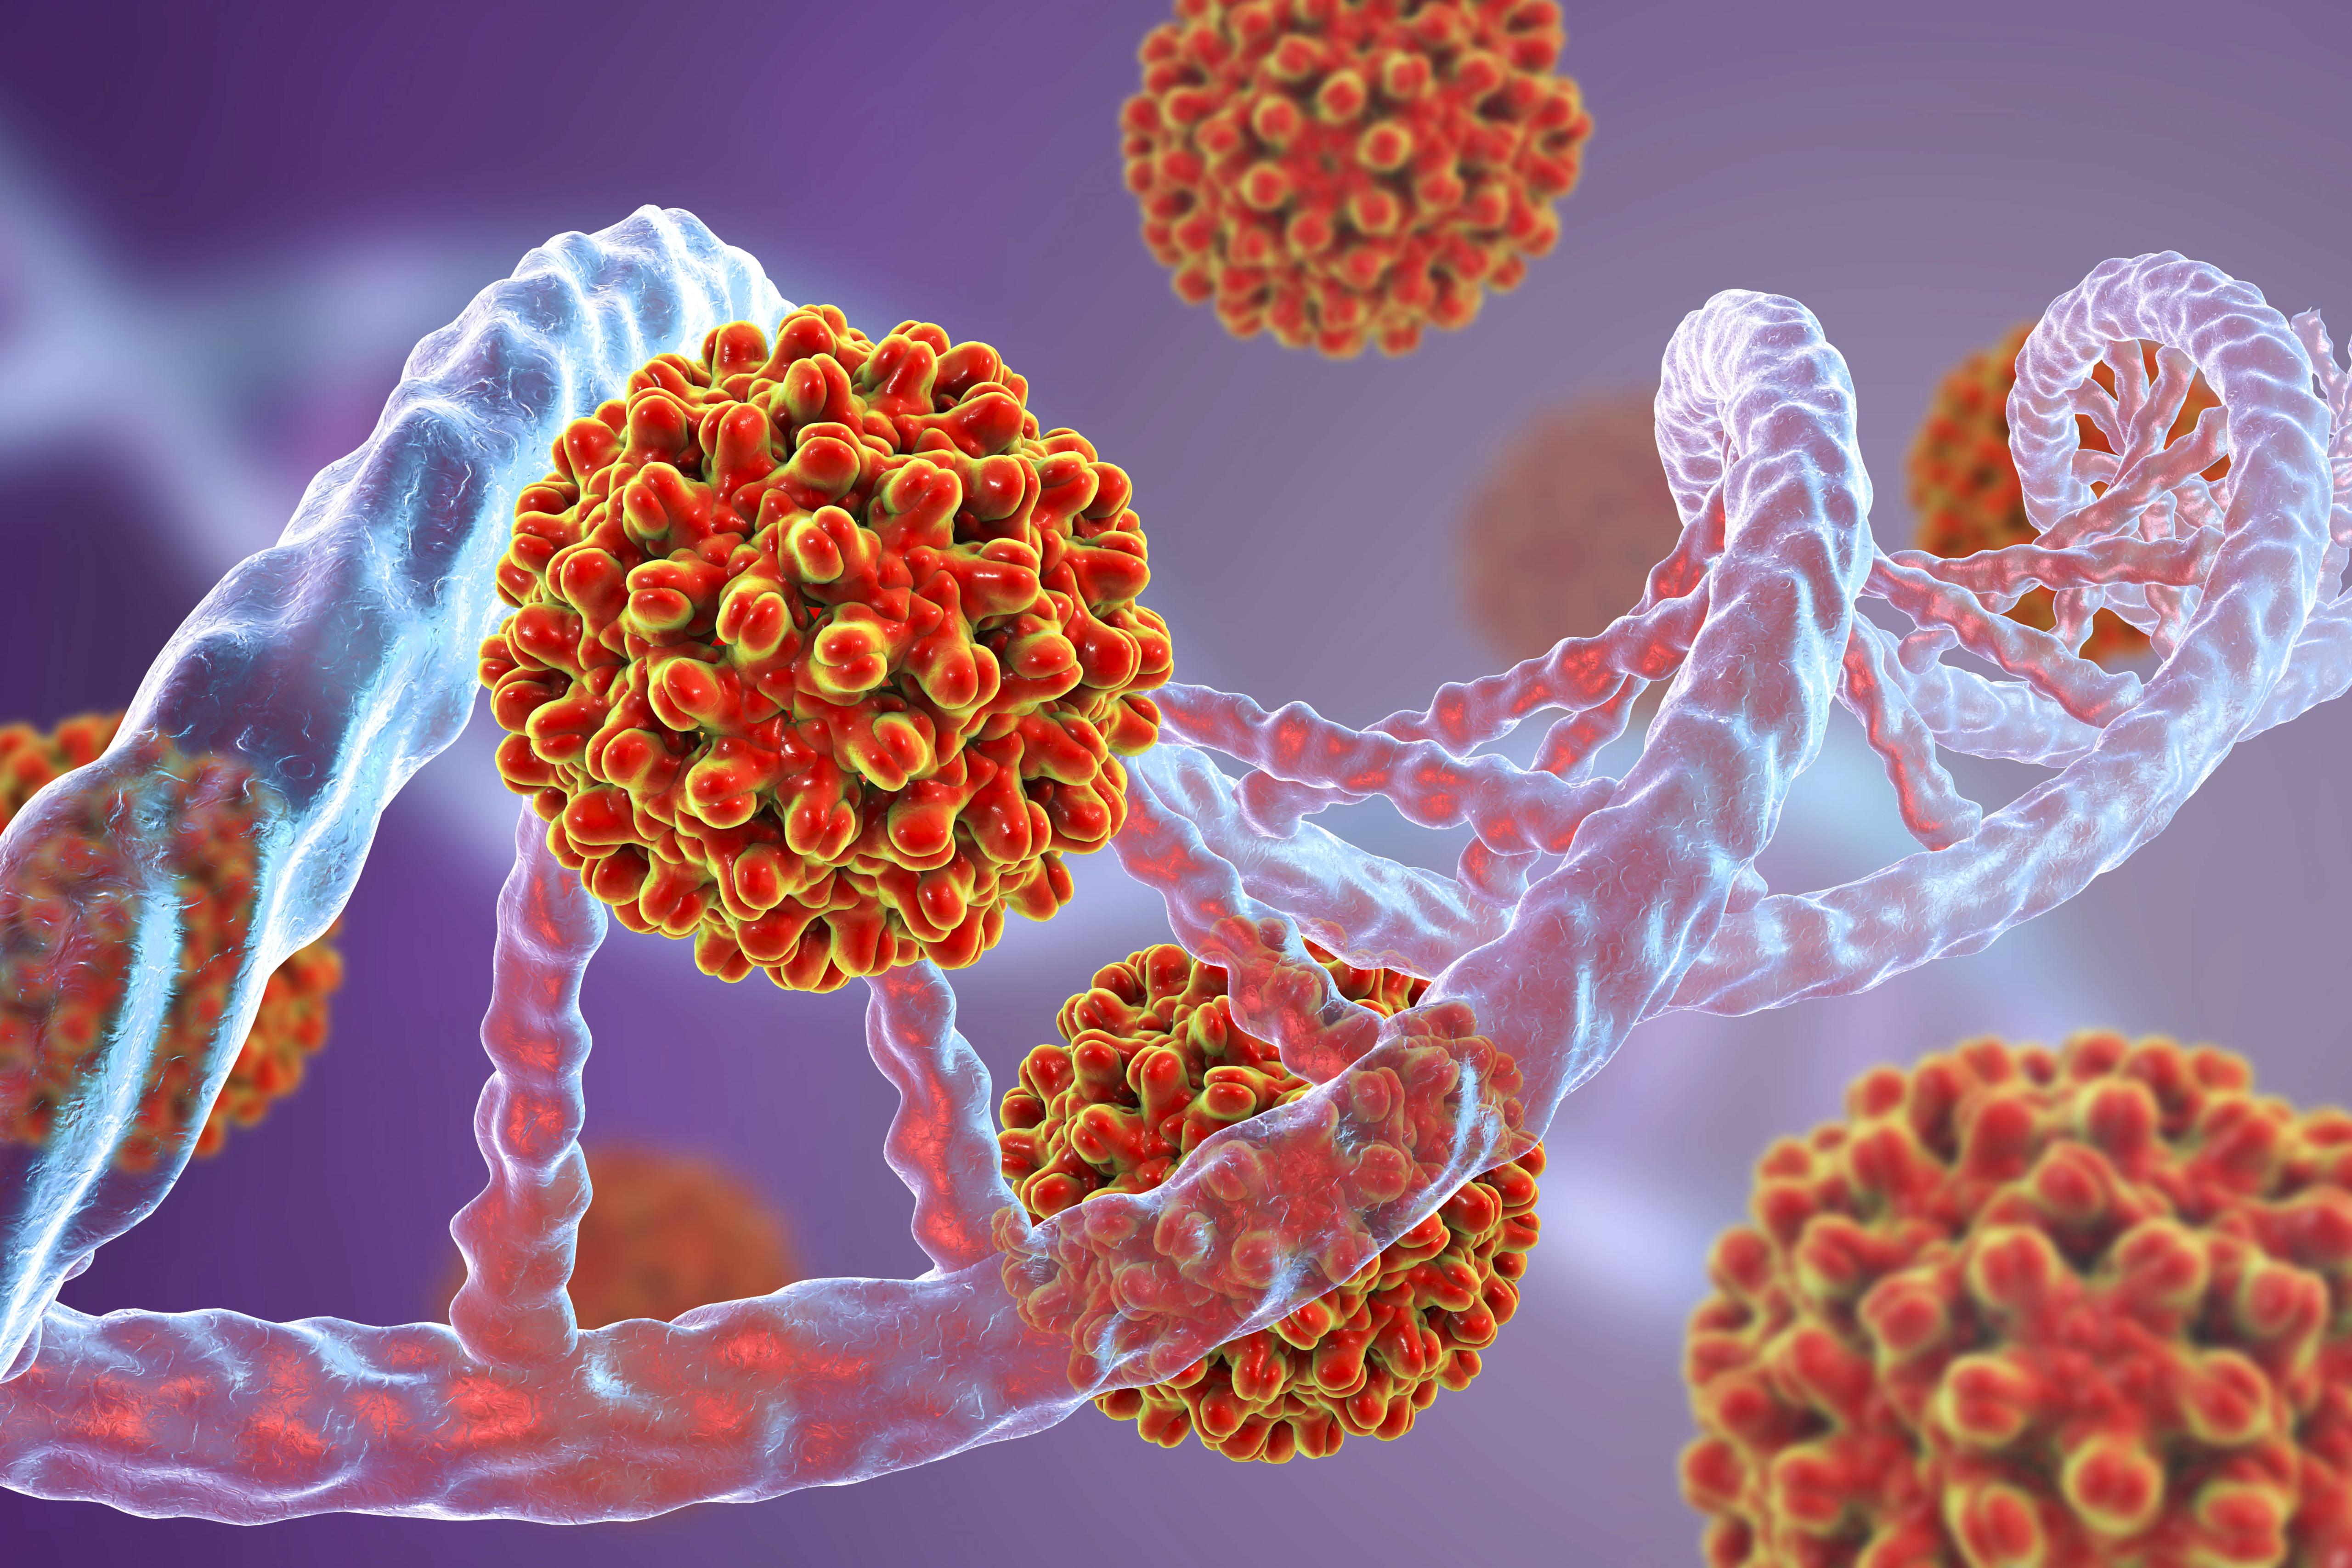 vírusos hepatitis ízületi fájdalommal